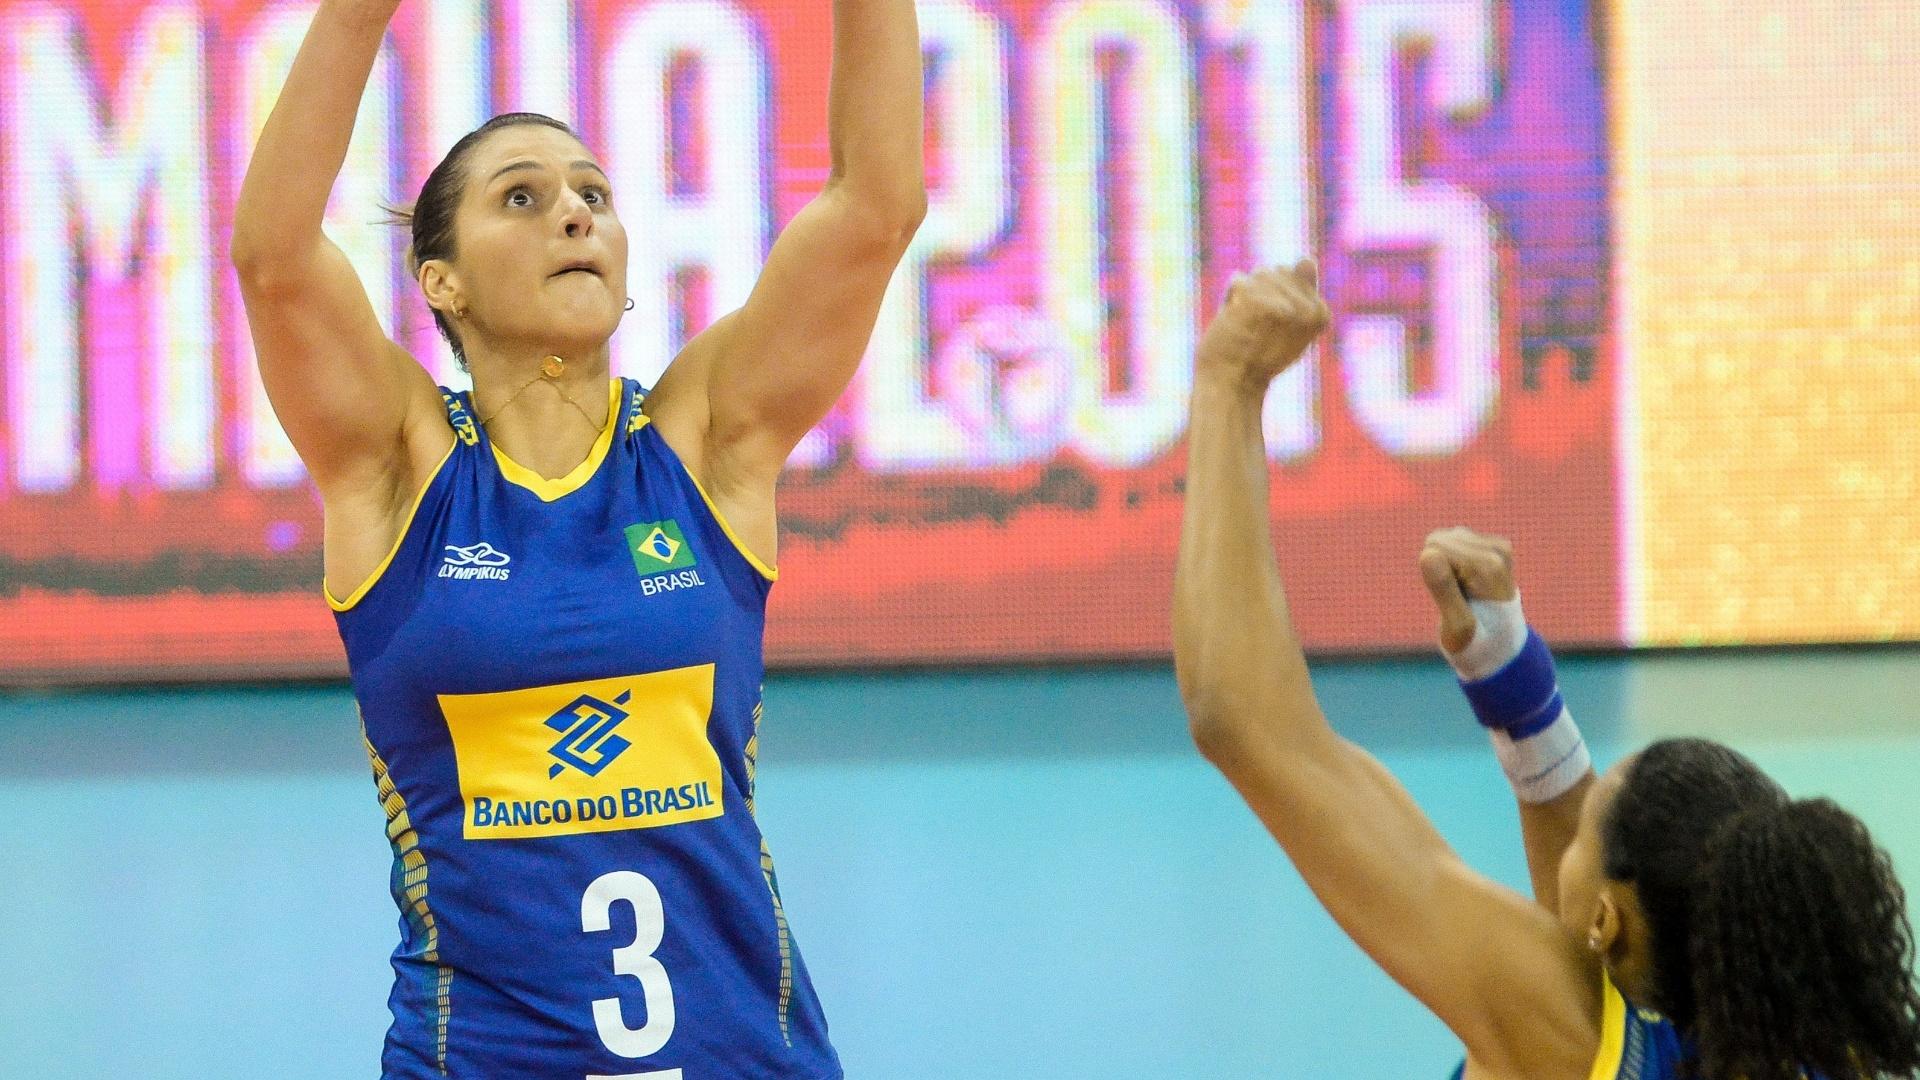 23.jul.2015 - Centrais brasileiras não foram bem no bloqueio ou no ataque em derrota para a Rússia no Grand Prix de vôlei feminino.